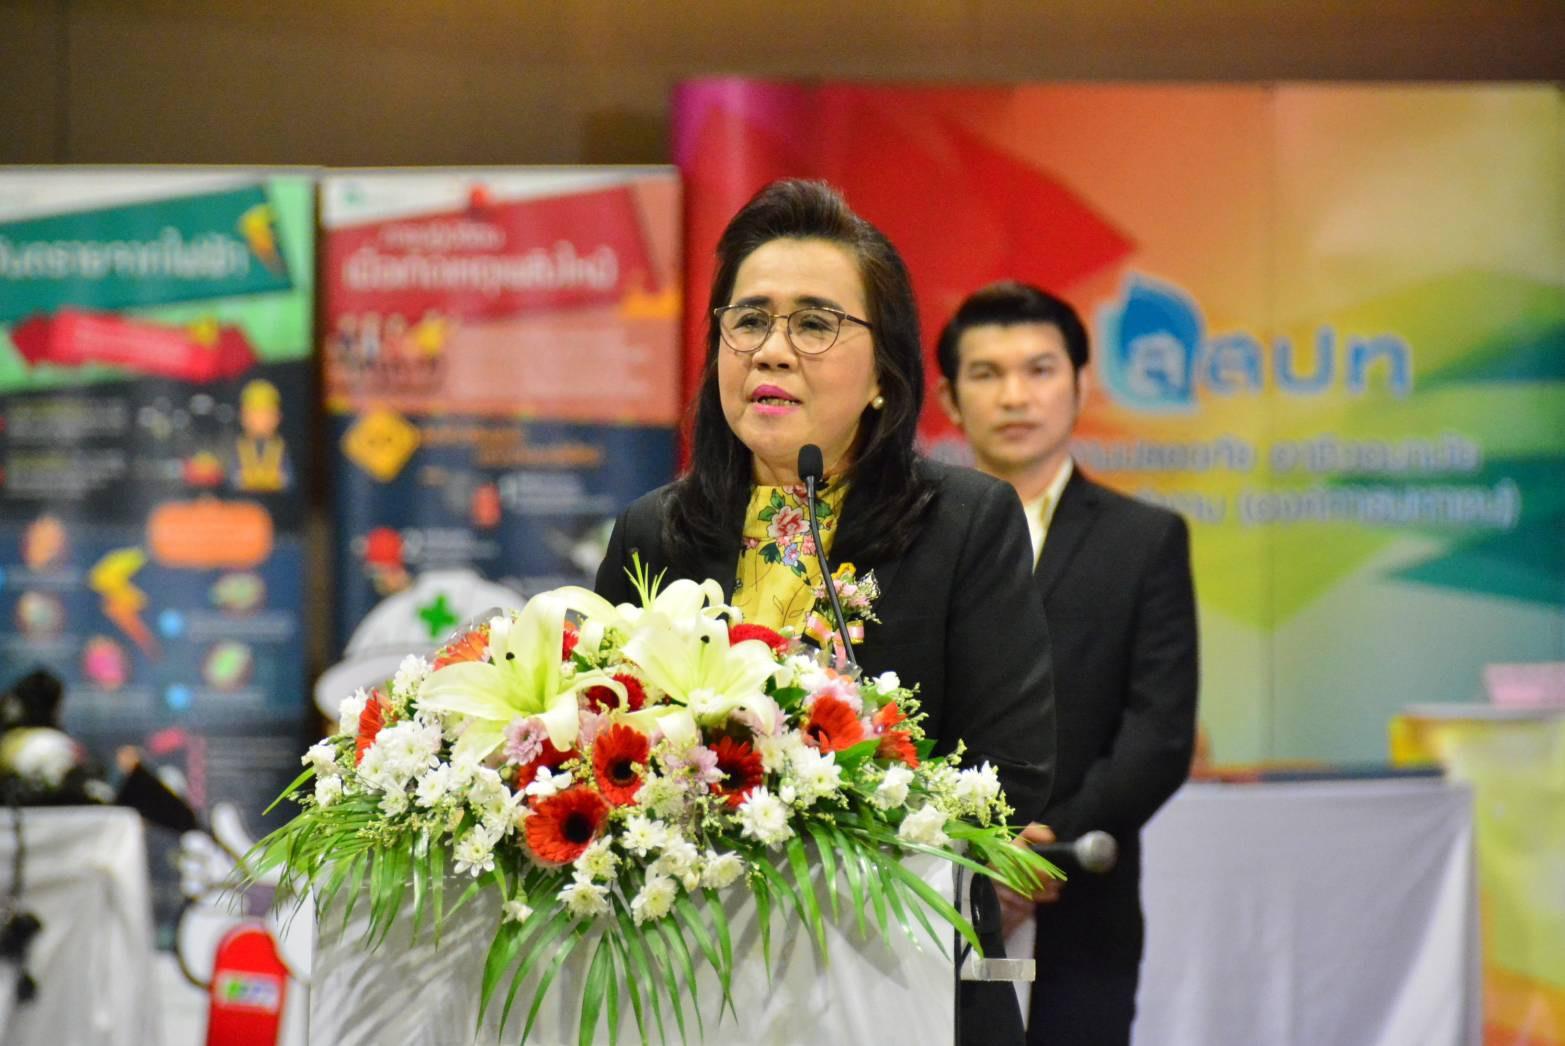 """รมว.แรงงาน ลงพื้นที่สงขลา เปิดนัดพบแรงงานประจำปี 2562 """"Songkhla Job Fair 2019"""""""